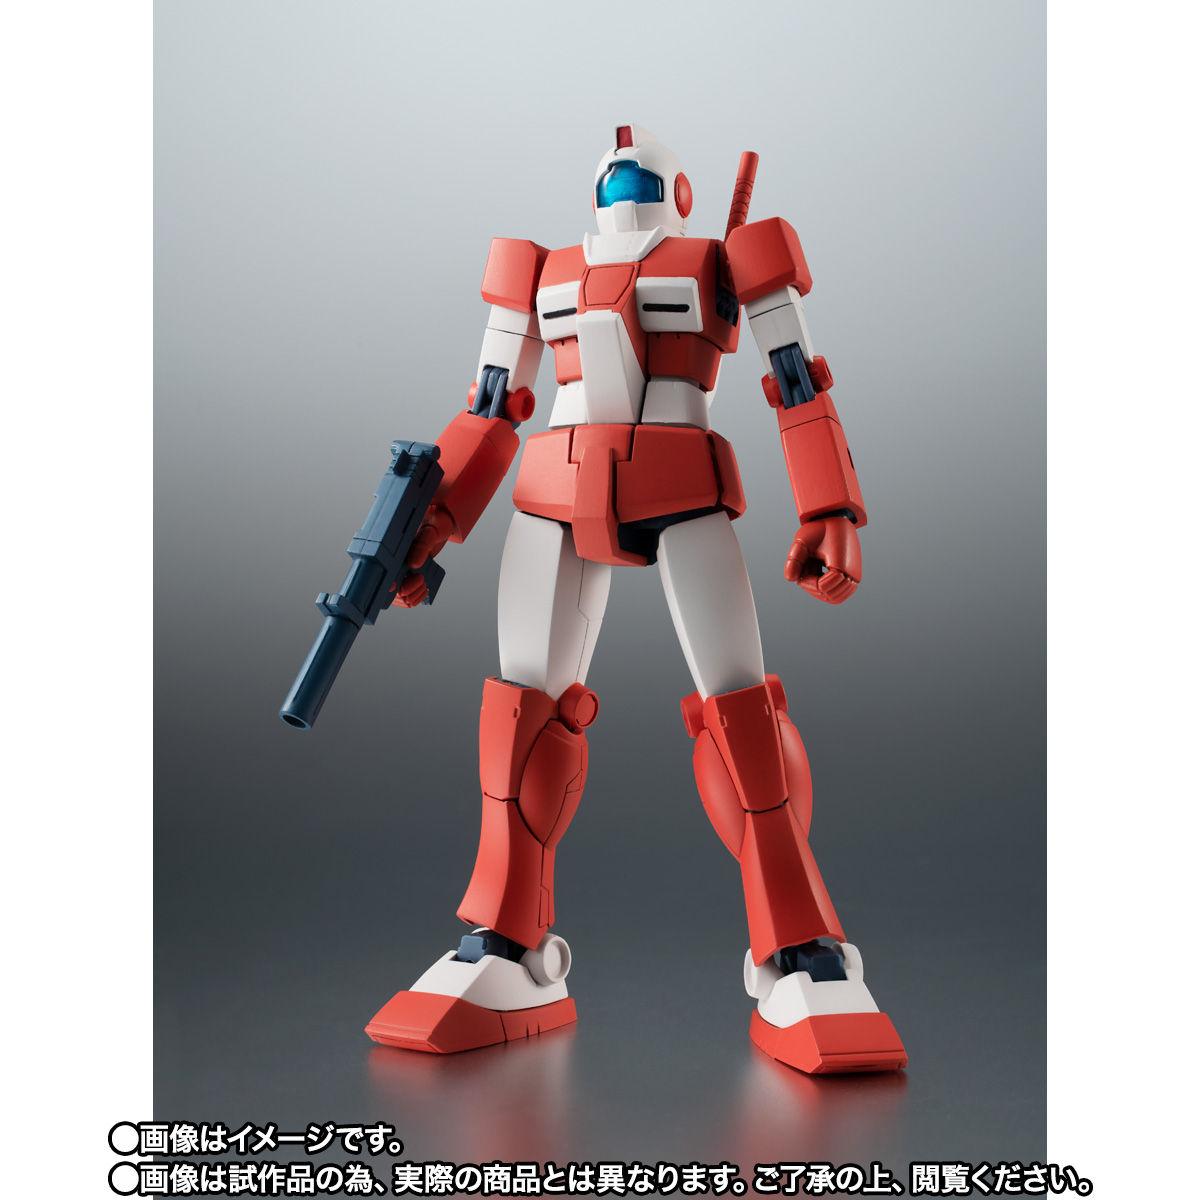 【限定販売】ROBOT魂〈SIDE MS〉『RGM-79L ジム・ライトアーマー ver. A.N.I.M.E.』ガンダムMSV 可動フィギュア-003